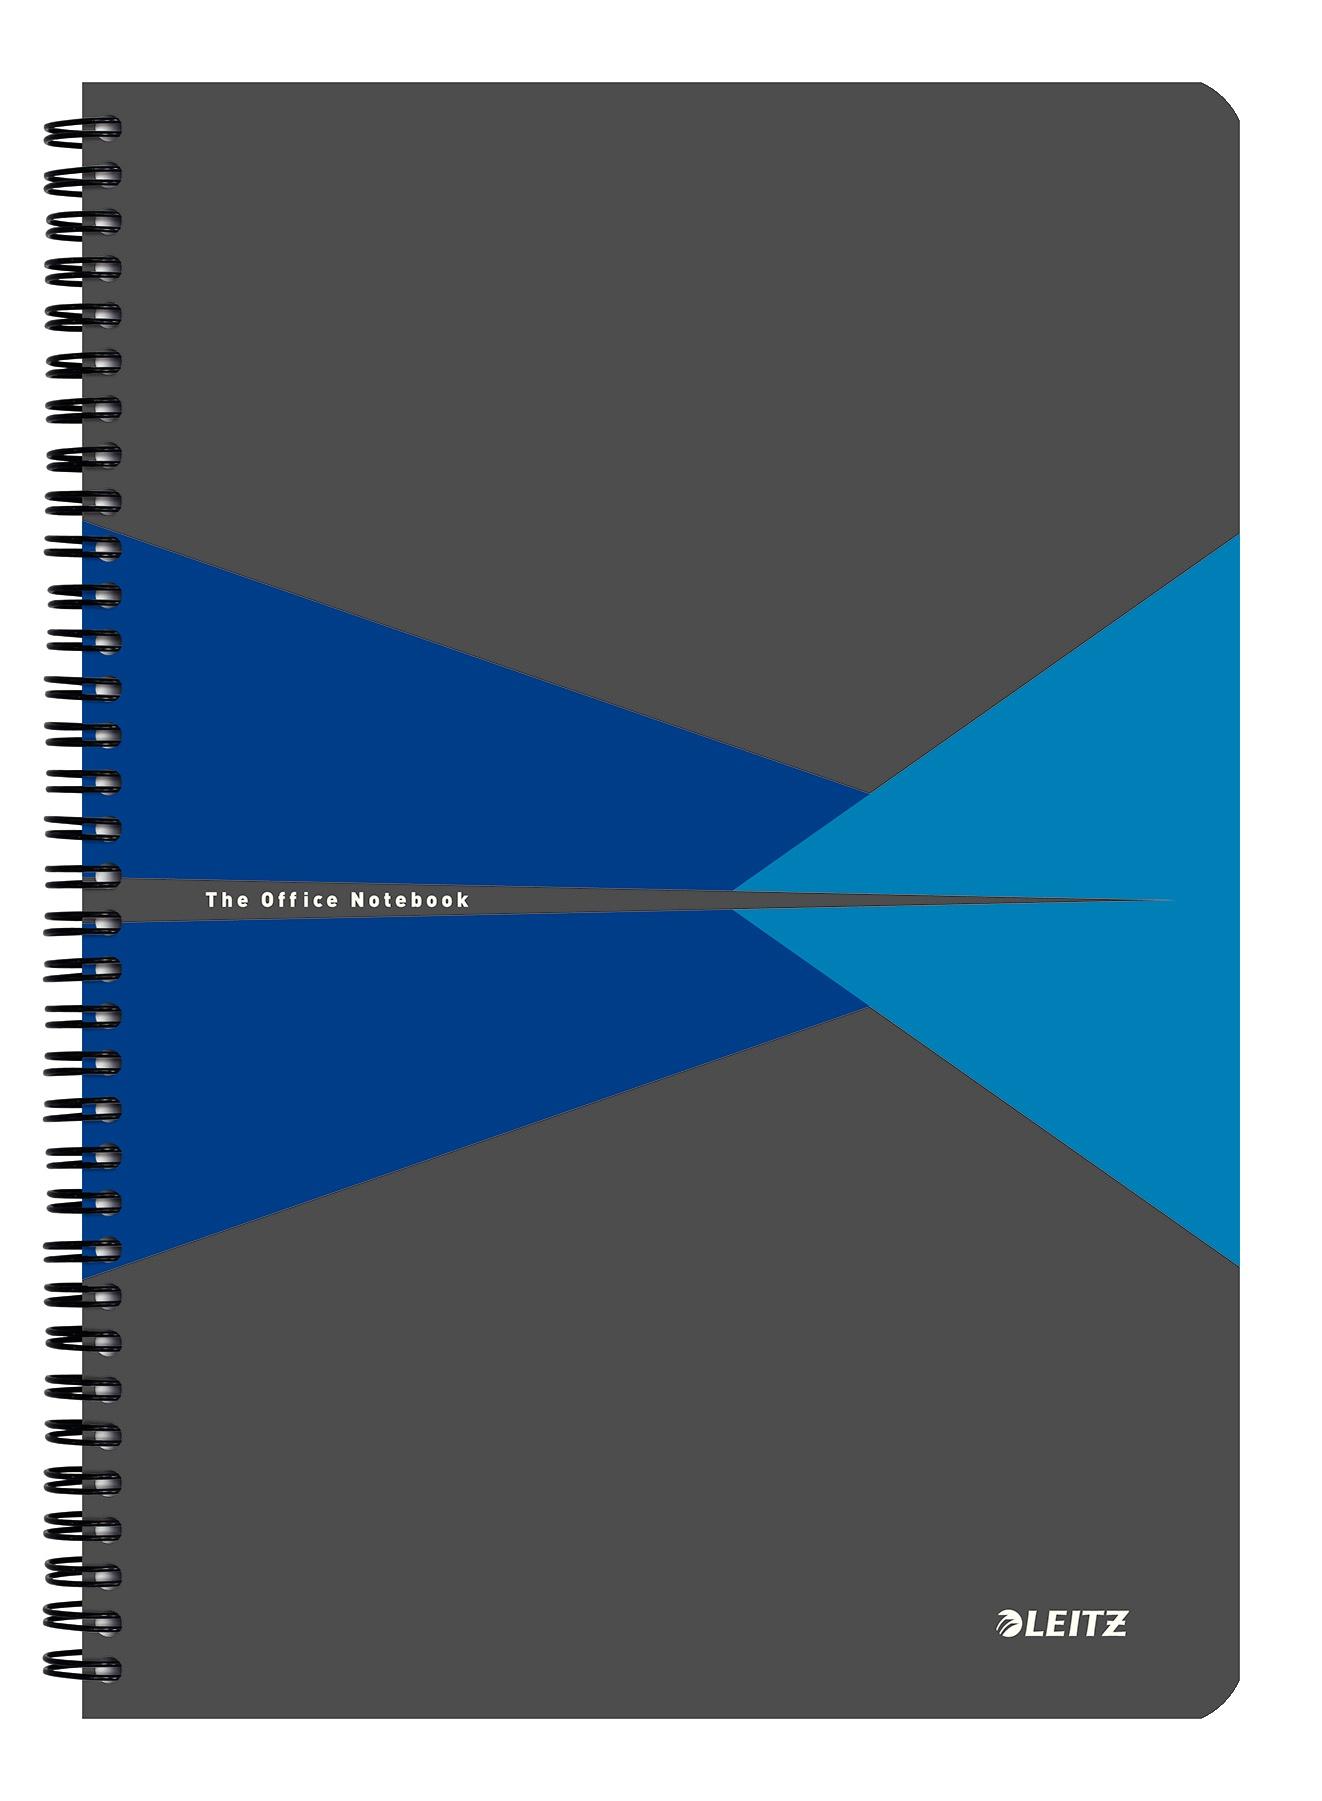 Блокнот Leitz office А4, в клетку, синий, 90 листов блокнот moleskine volant qp723b12b11 large 130х210мм 96стр нелинованный мягкая обложка синий темно синий 2шт